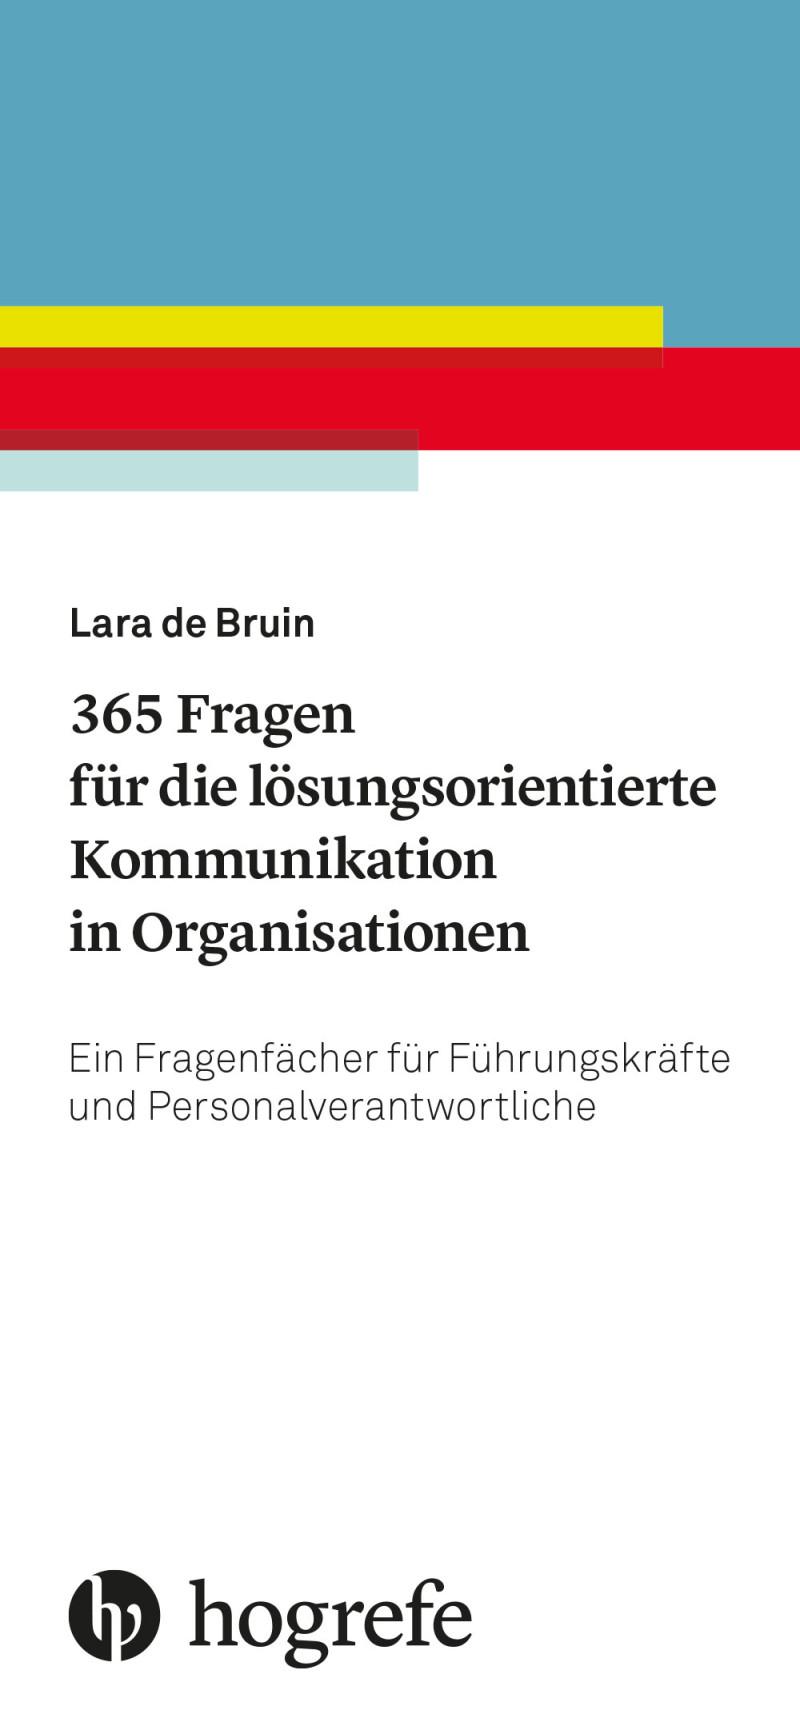 365 Fragen für die lösungsorientierte Kommunikation in Organisationen